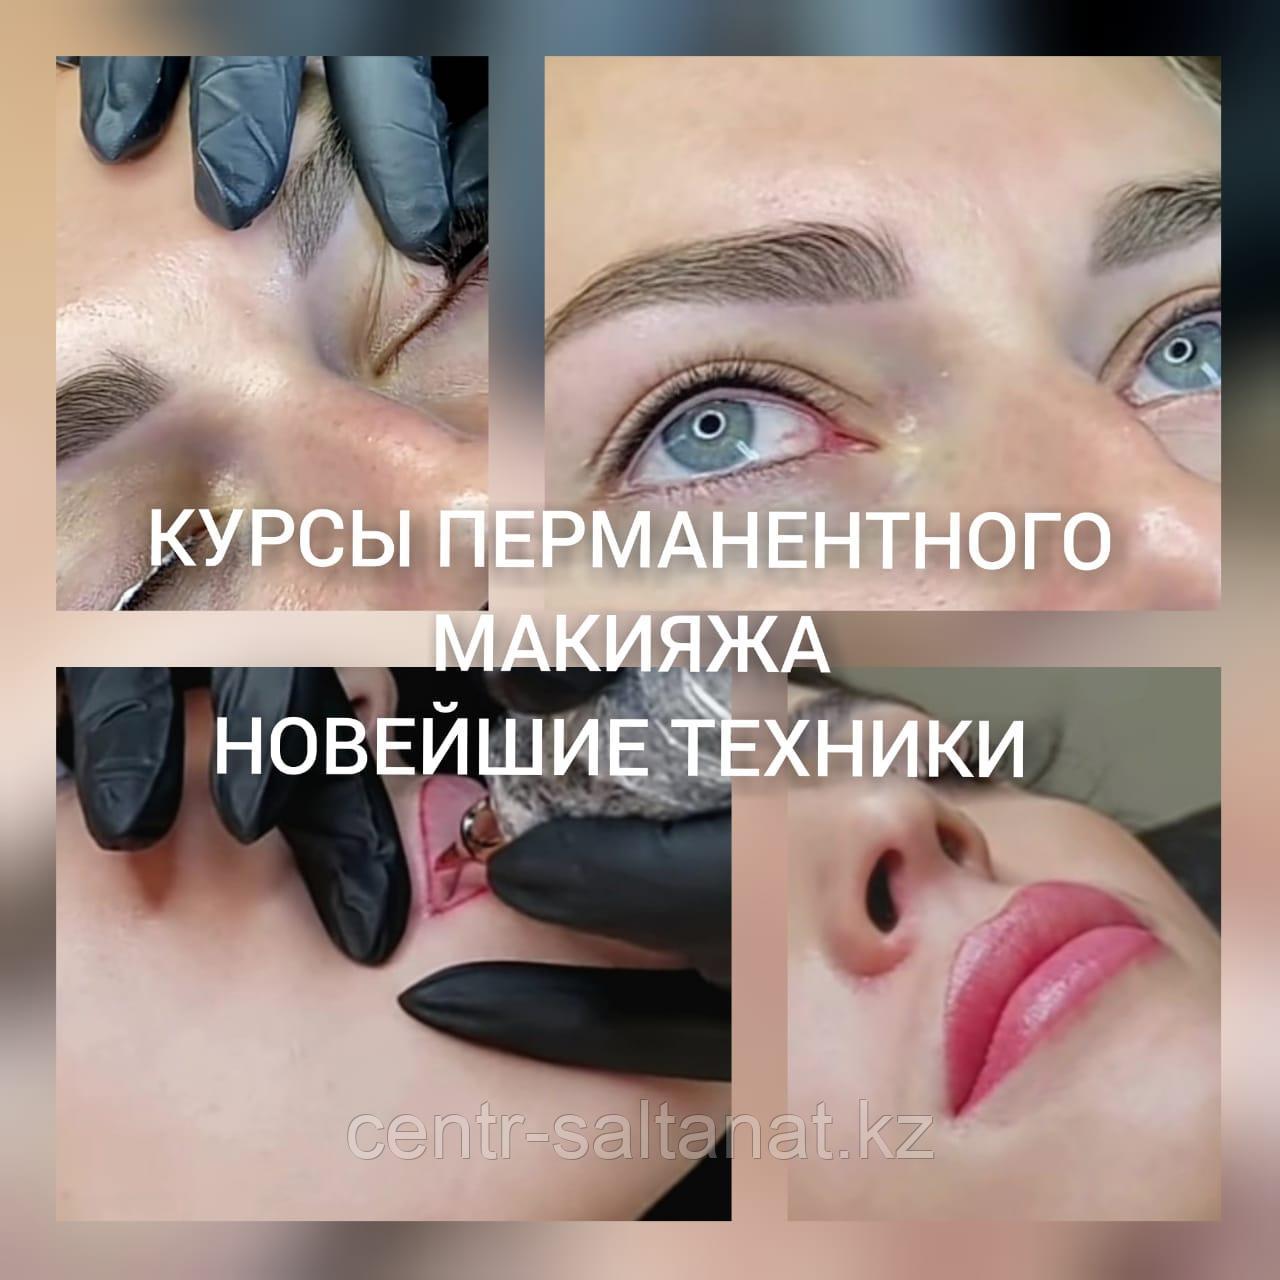 Обучение перманентному макияжу, новейшие техники